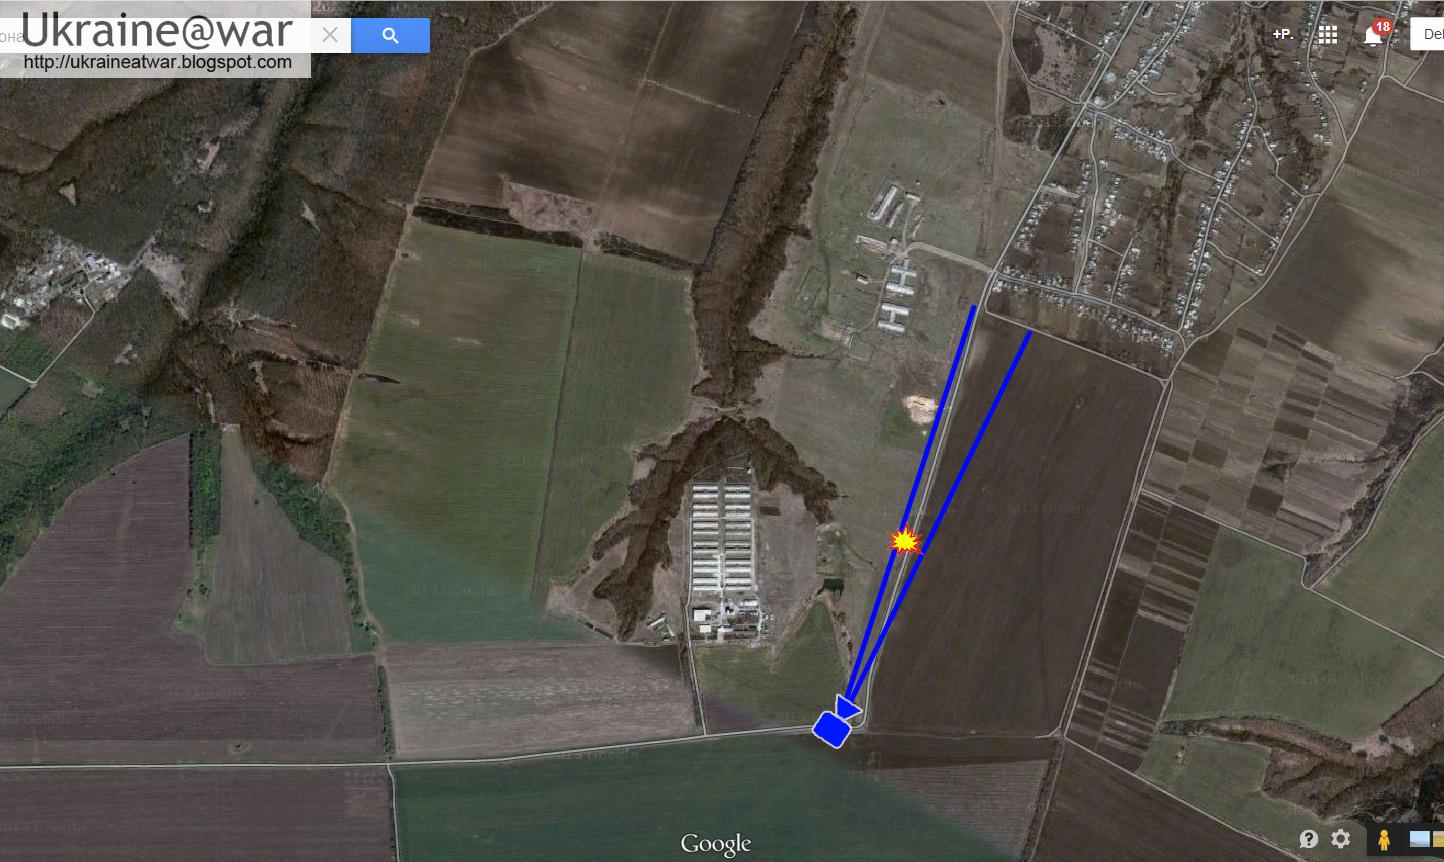 Crash d'un 777 proche Donetsk - Page 5 MH17+6